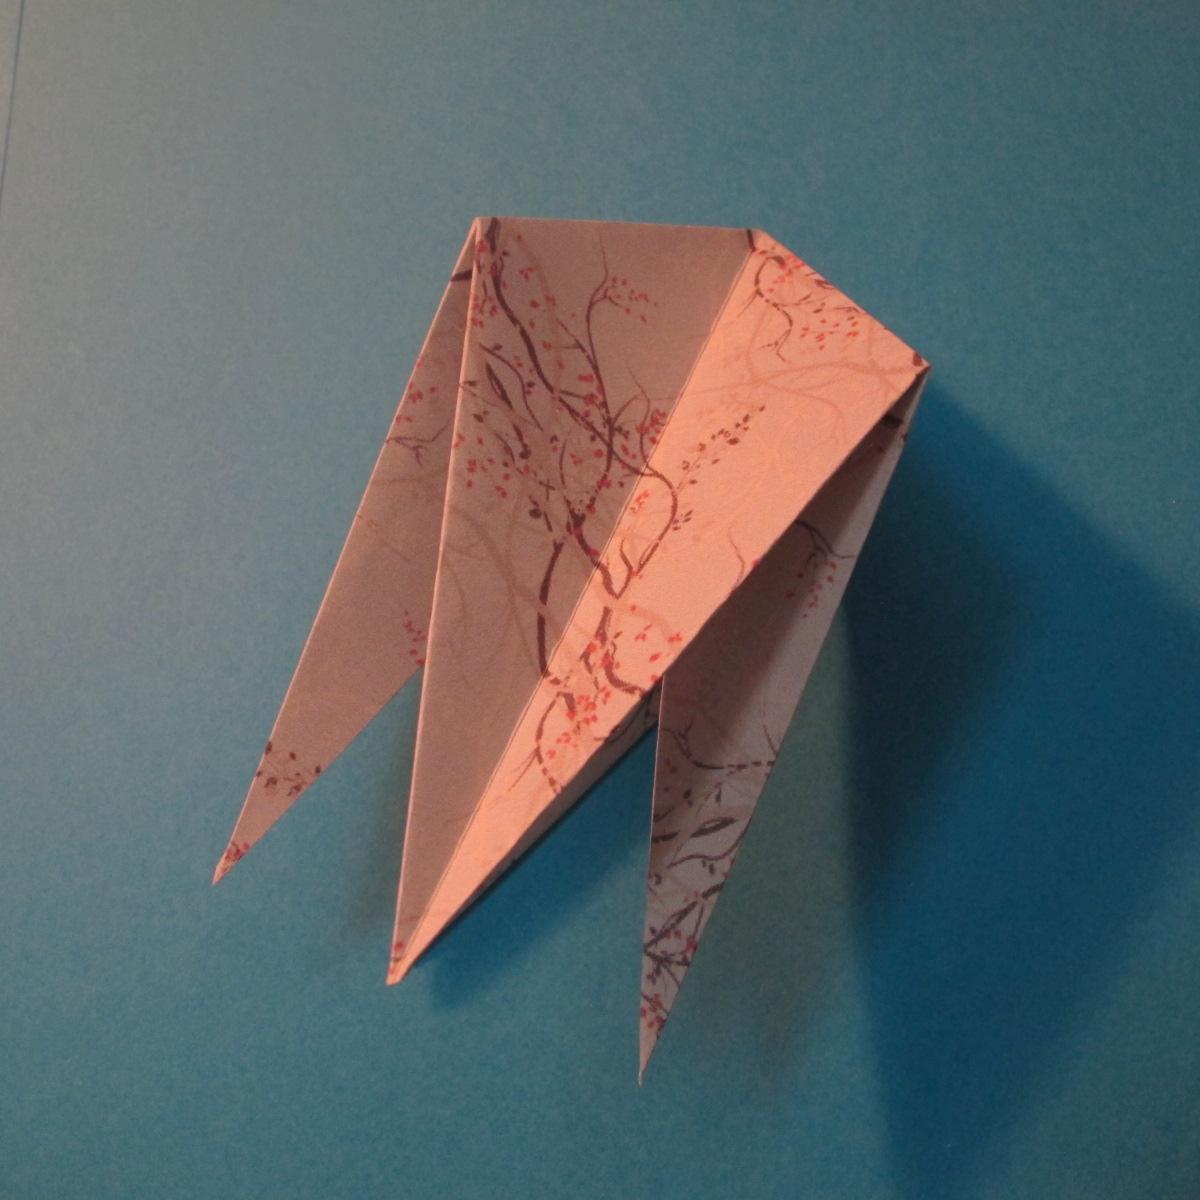 วิธีการพับกระดาษเป็นดาวสี่แฉก 014